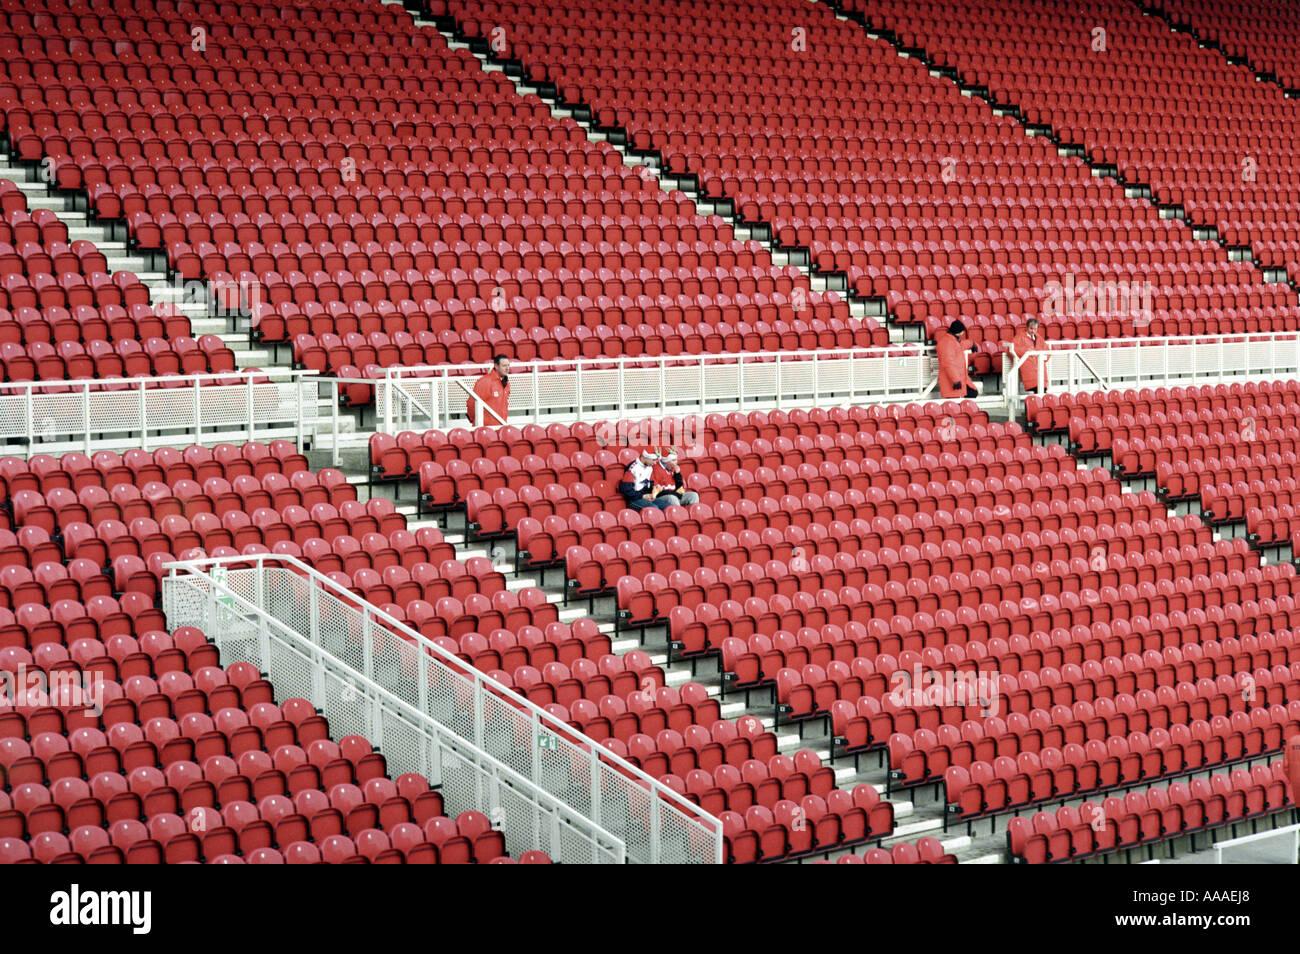 Fan Alone In Empty Stadium Stock Photos & Fan Alone In